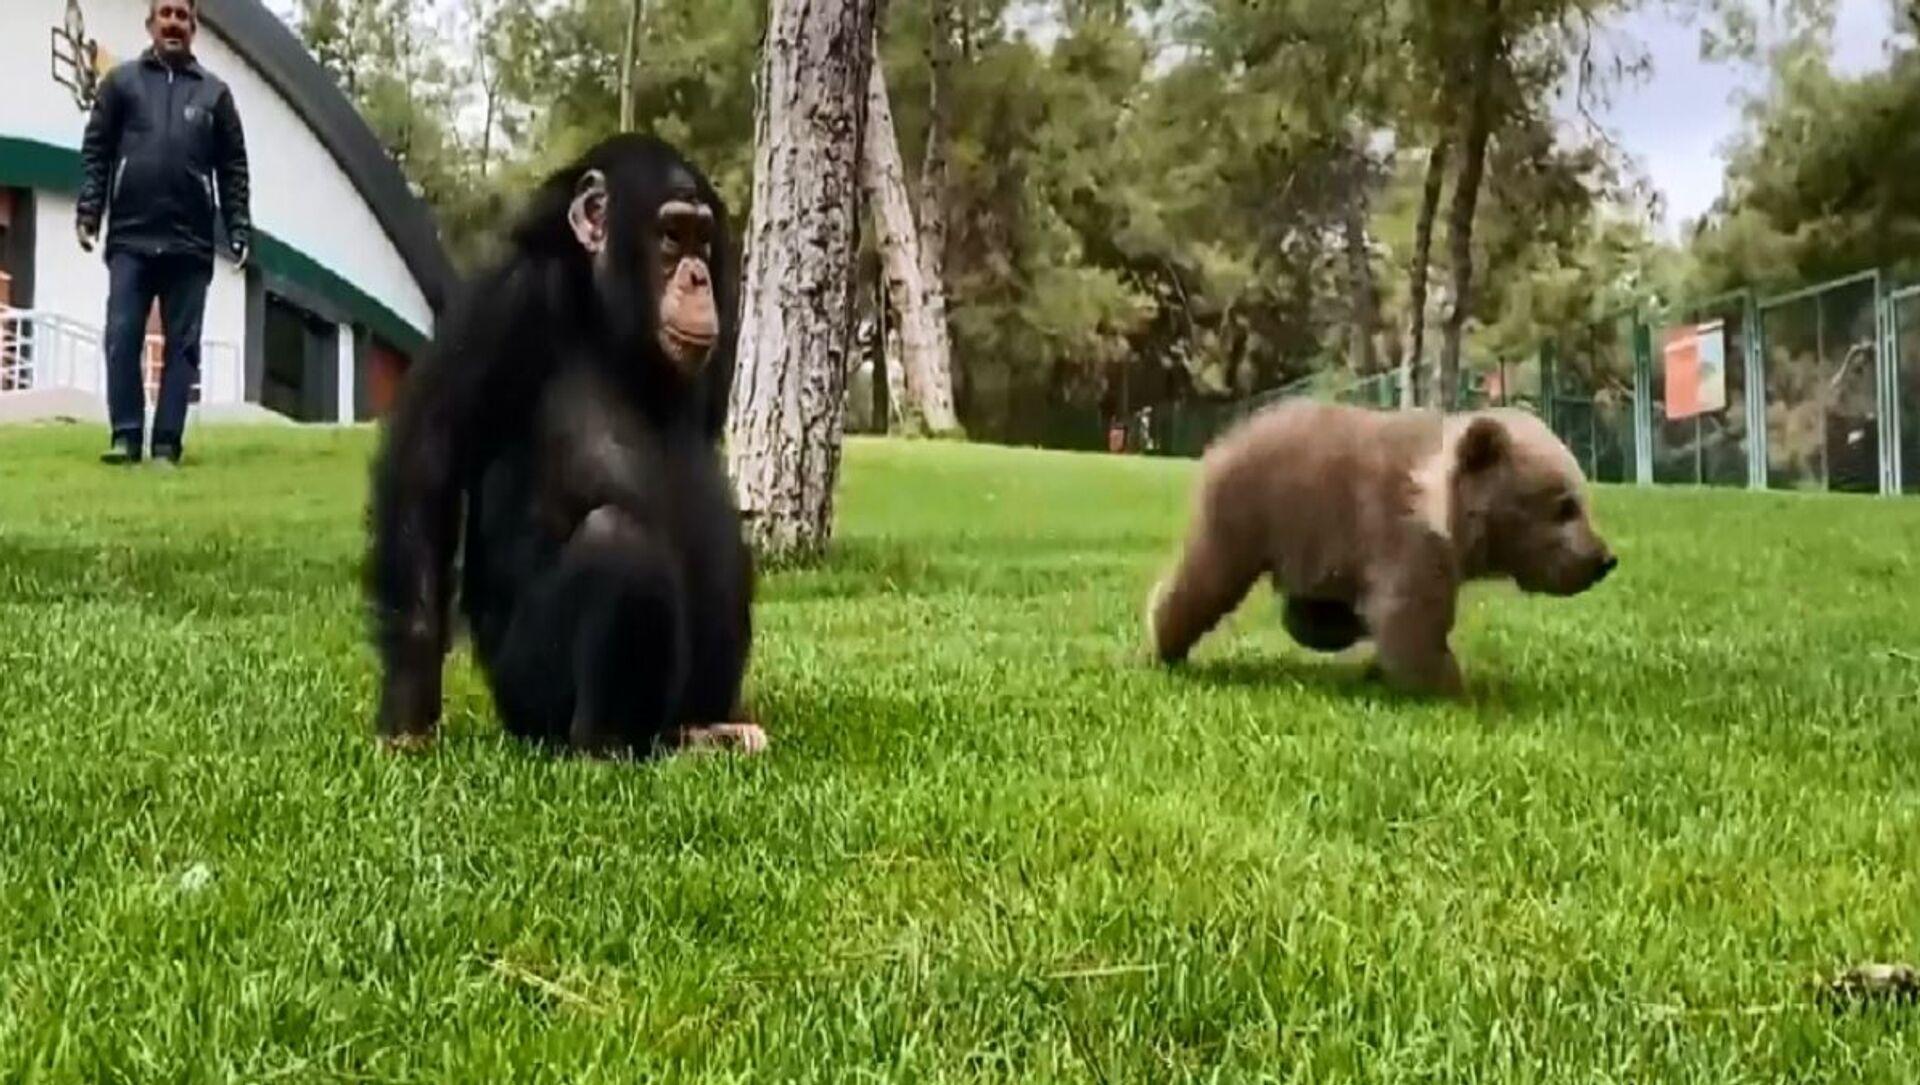 Cucciolo di orso e scimpanzé  - Sputnik Italia, 1920, 18.04.2021